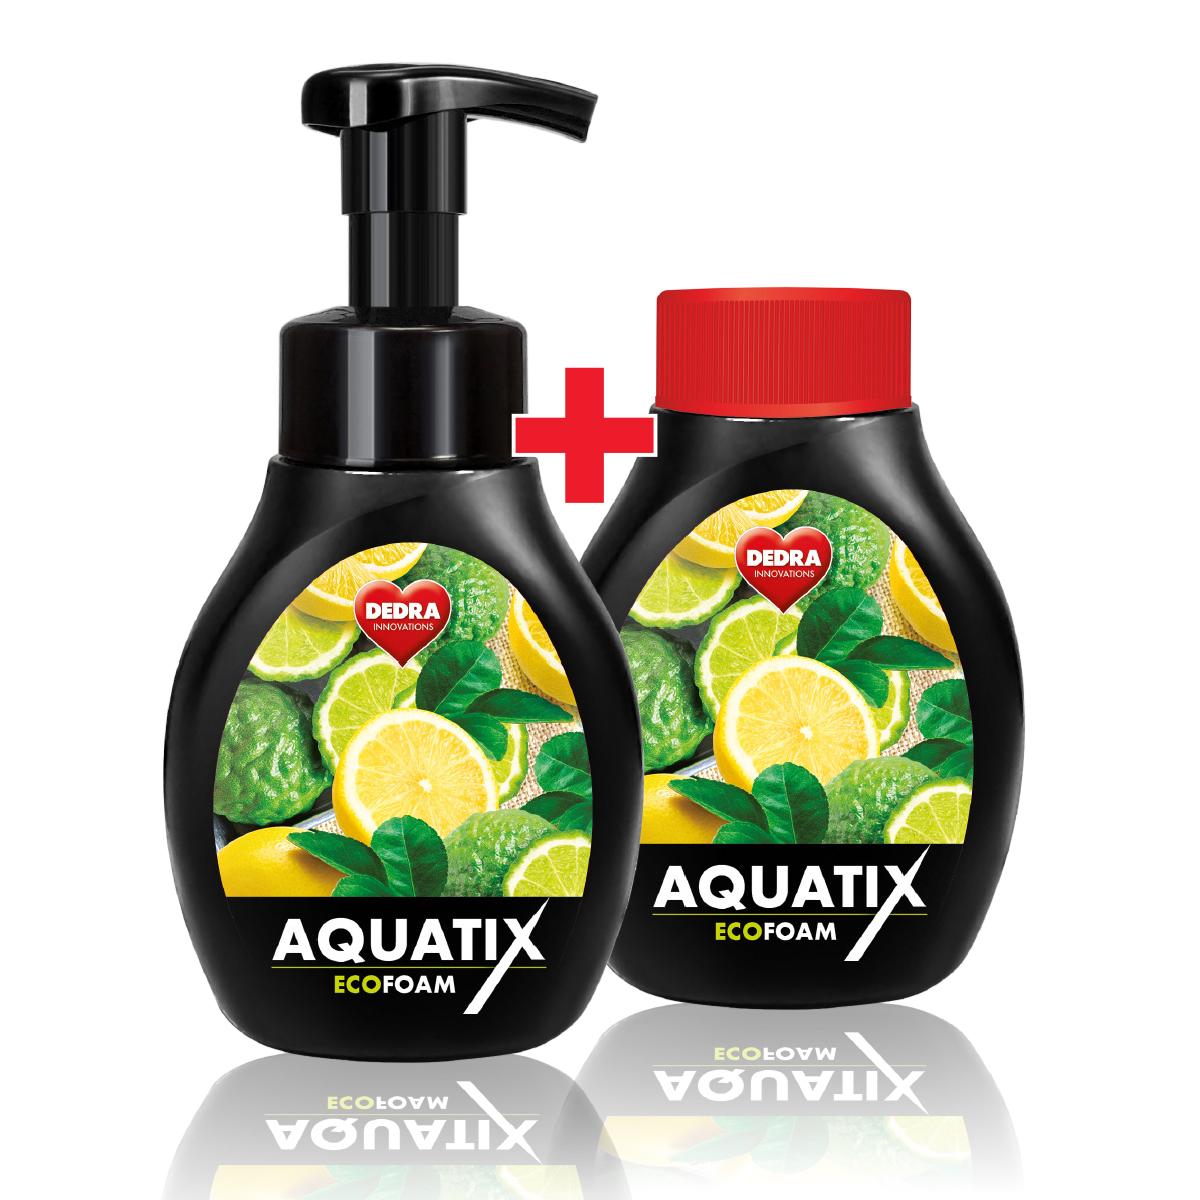 SADA 1+1 Aktivní pěna na ruční mytí nádobí AQUATIX EcoFoam bergamot & lemon